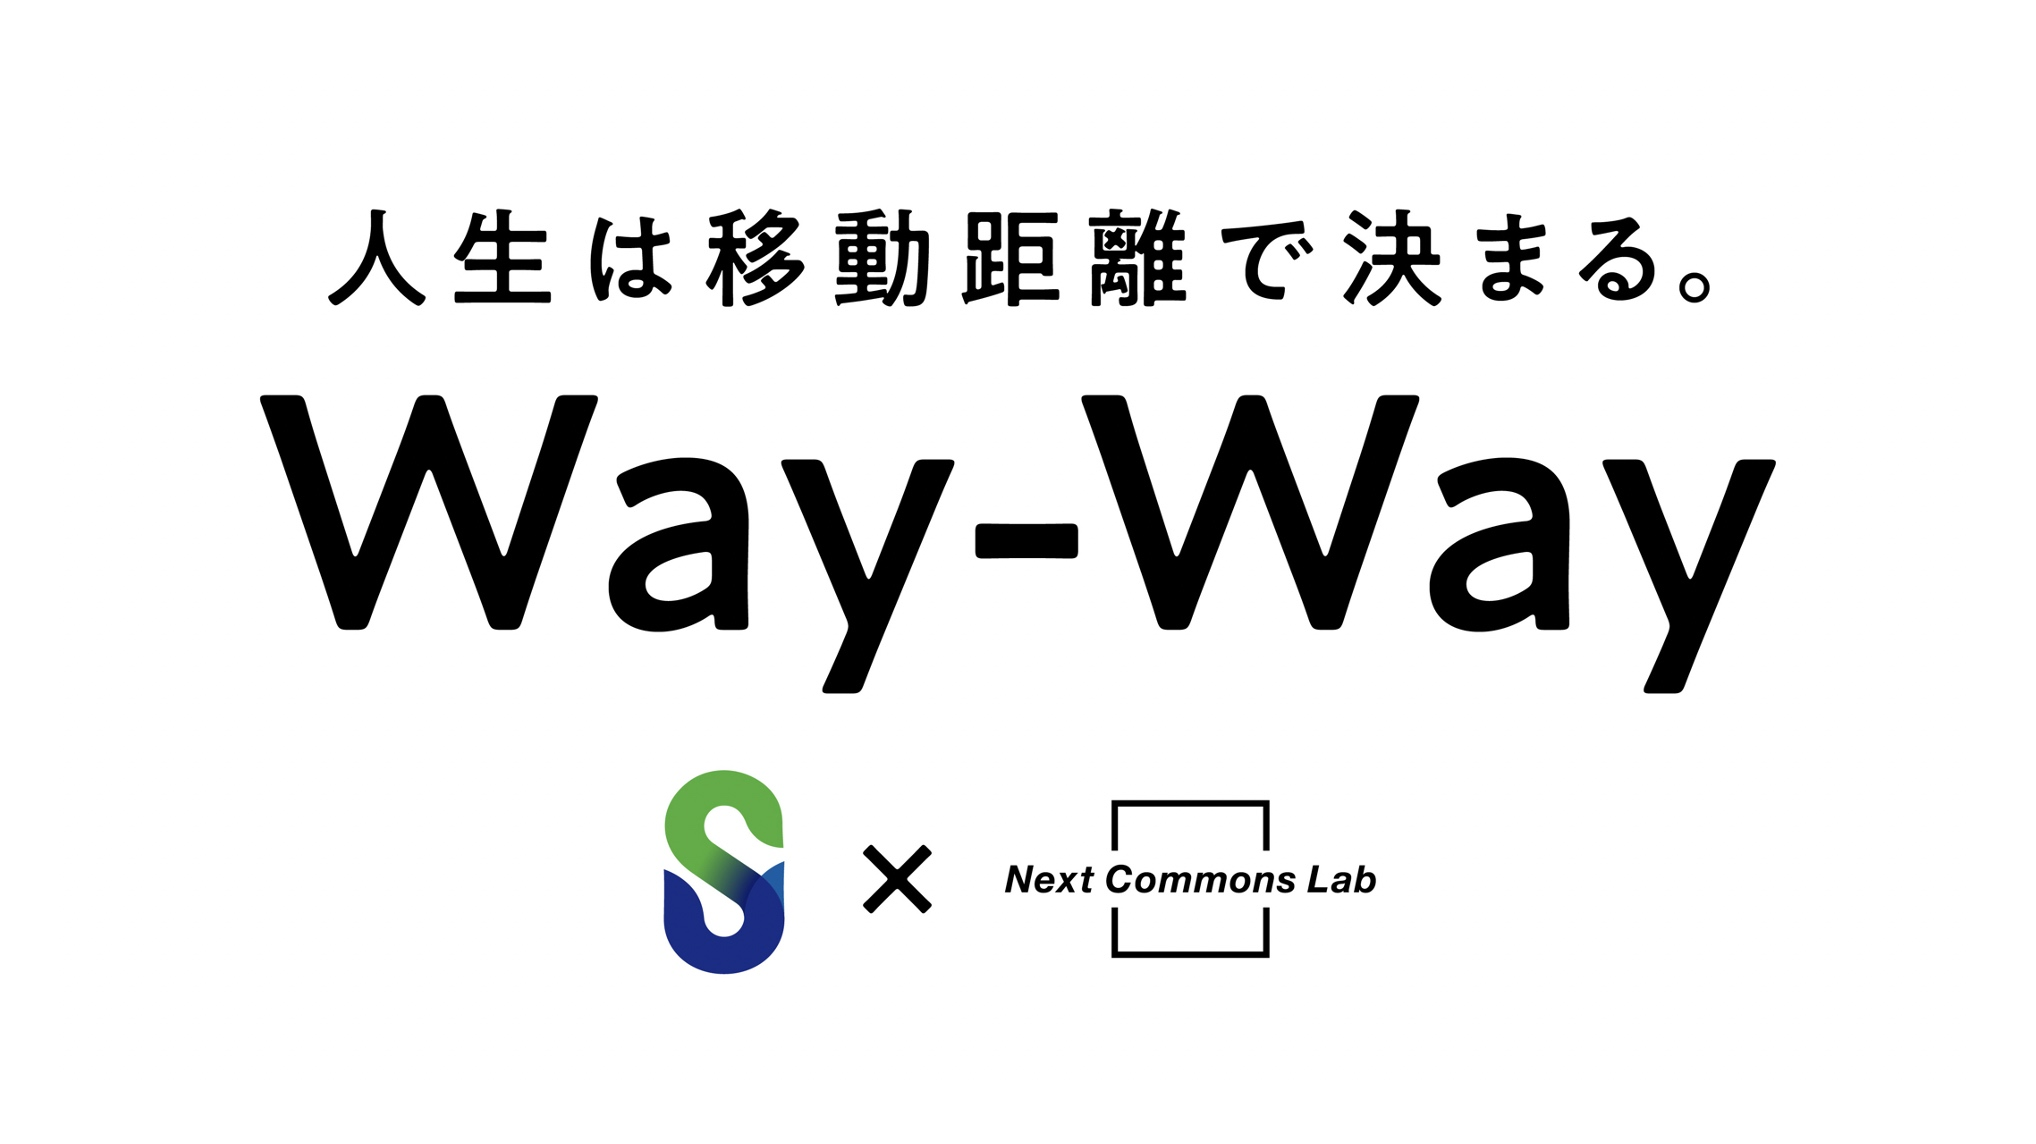 Next Commons Lab×JR東日本スタートアップ | 人材の移動距離を延ばす「Way-Way」プロジェクトを開始